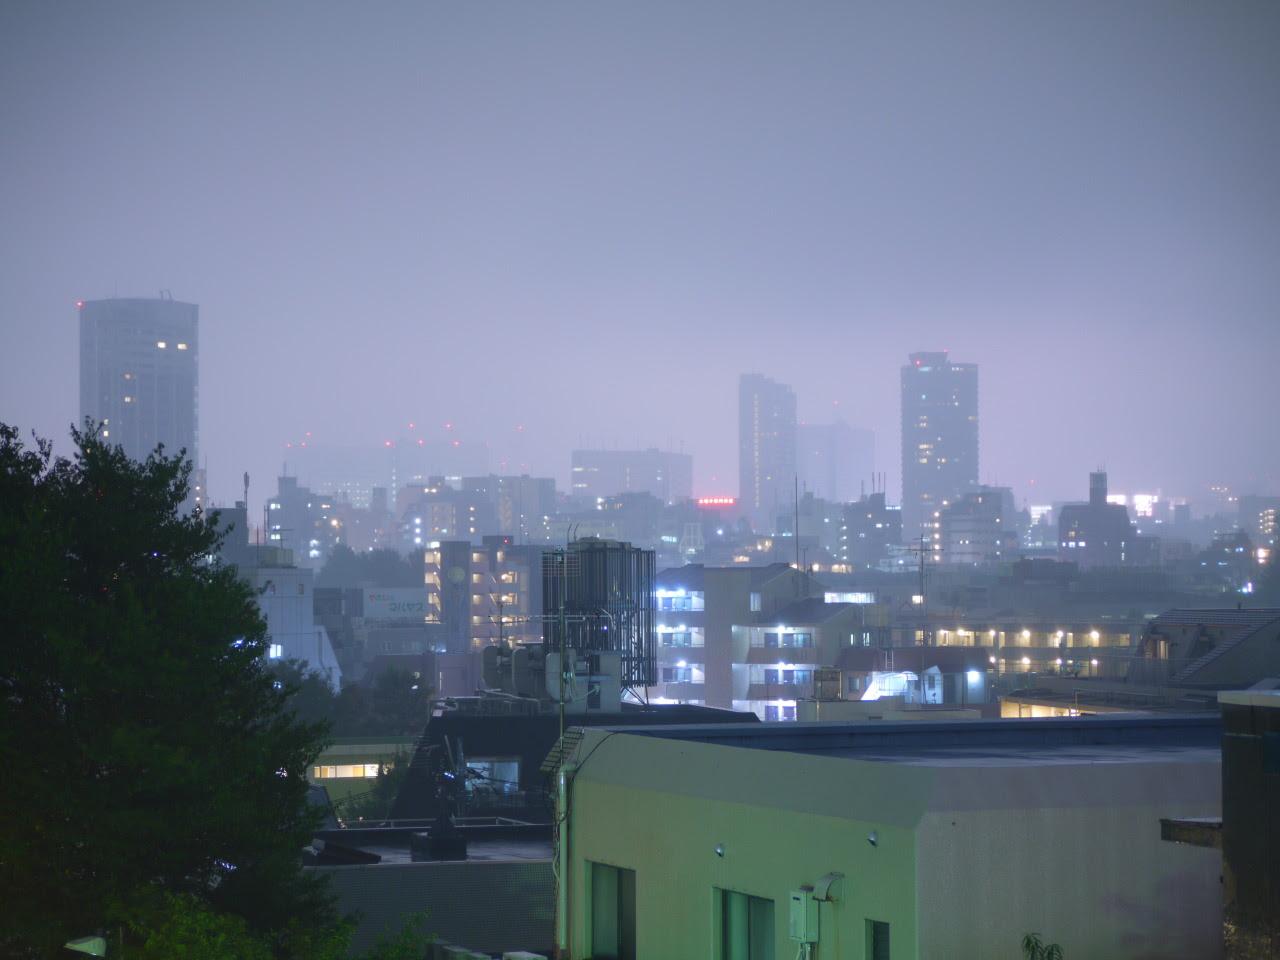 いつもの夜景も、今日は少し霞がかって、感じます。 これはこれで、非現実的。